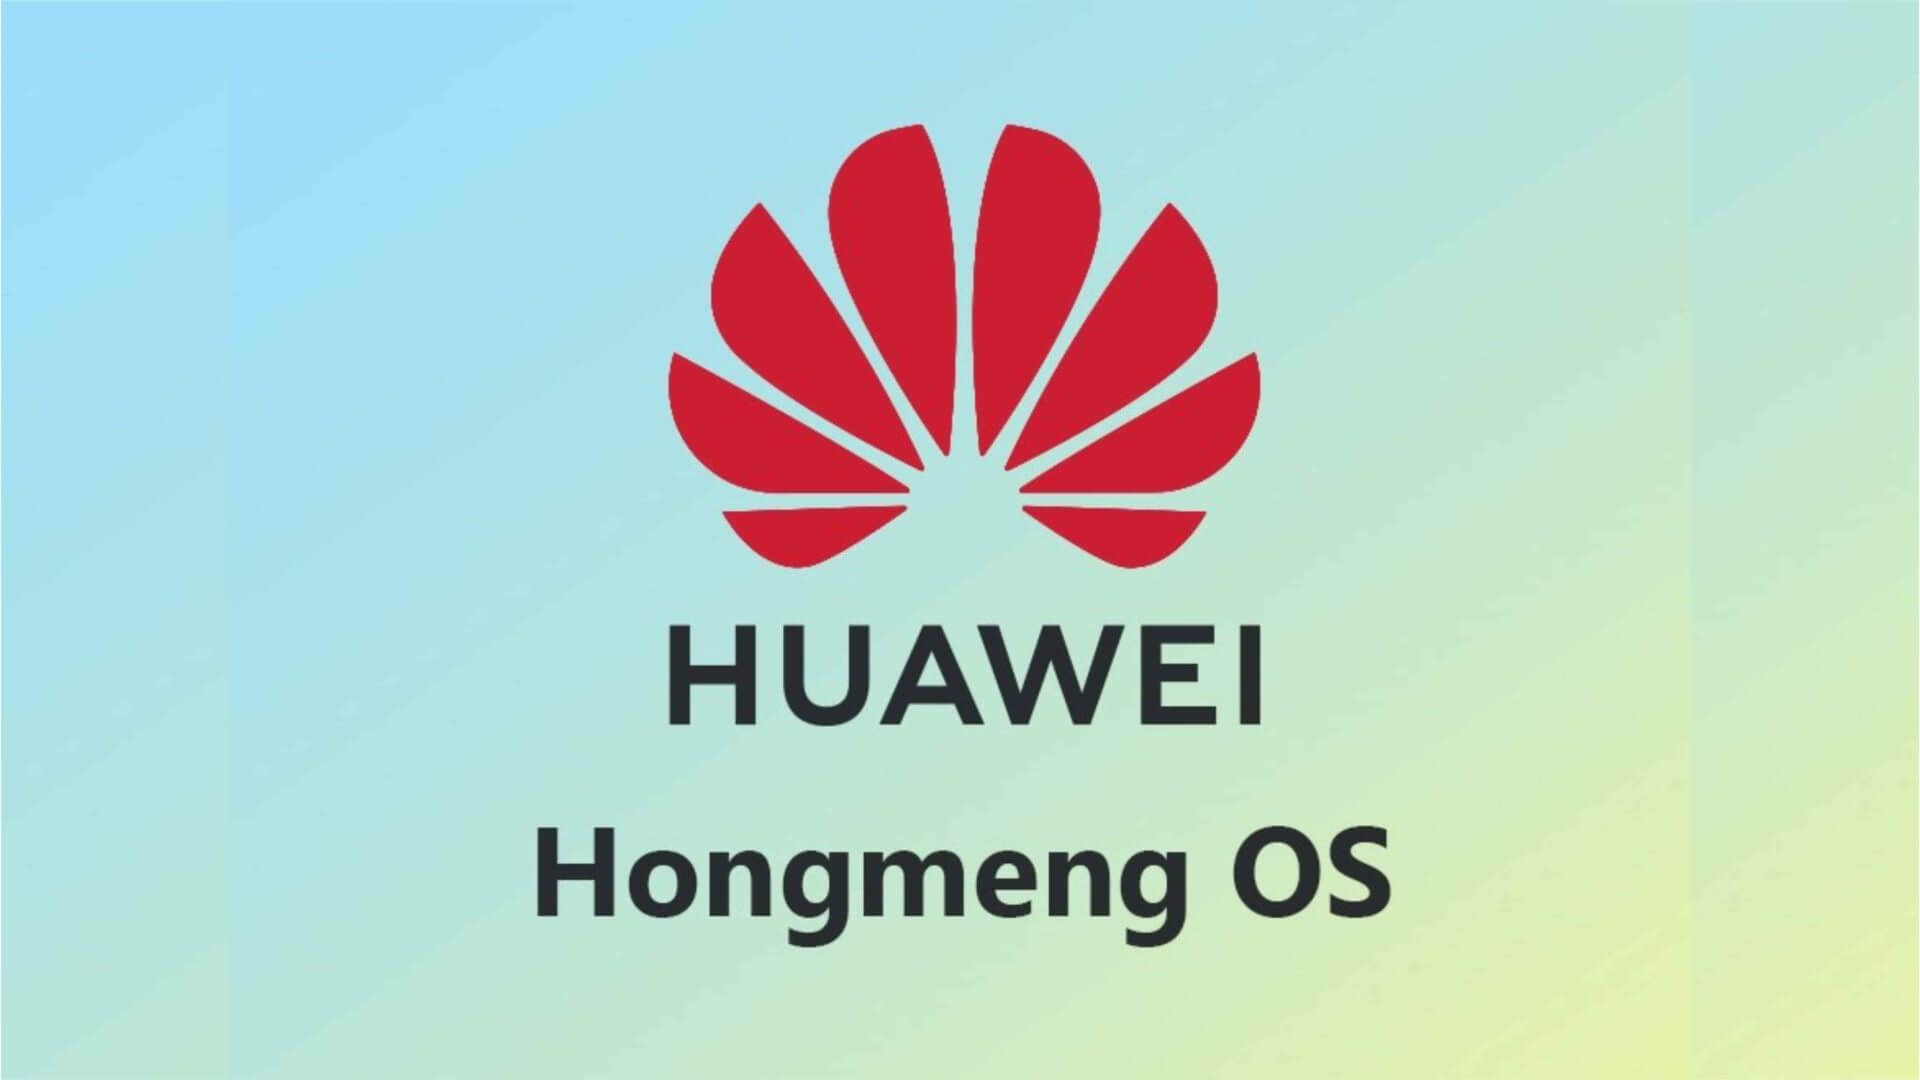 شركة هواوي تستمر في تطوير نظامها.. وتُؤكد على أنه أسرع من نظام أندرويد، وأكثر أماناً من iOS